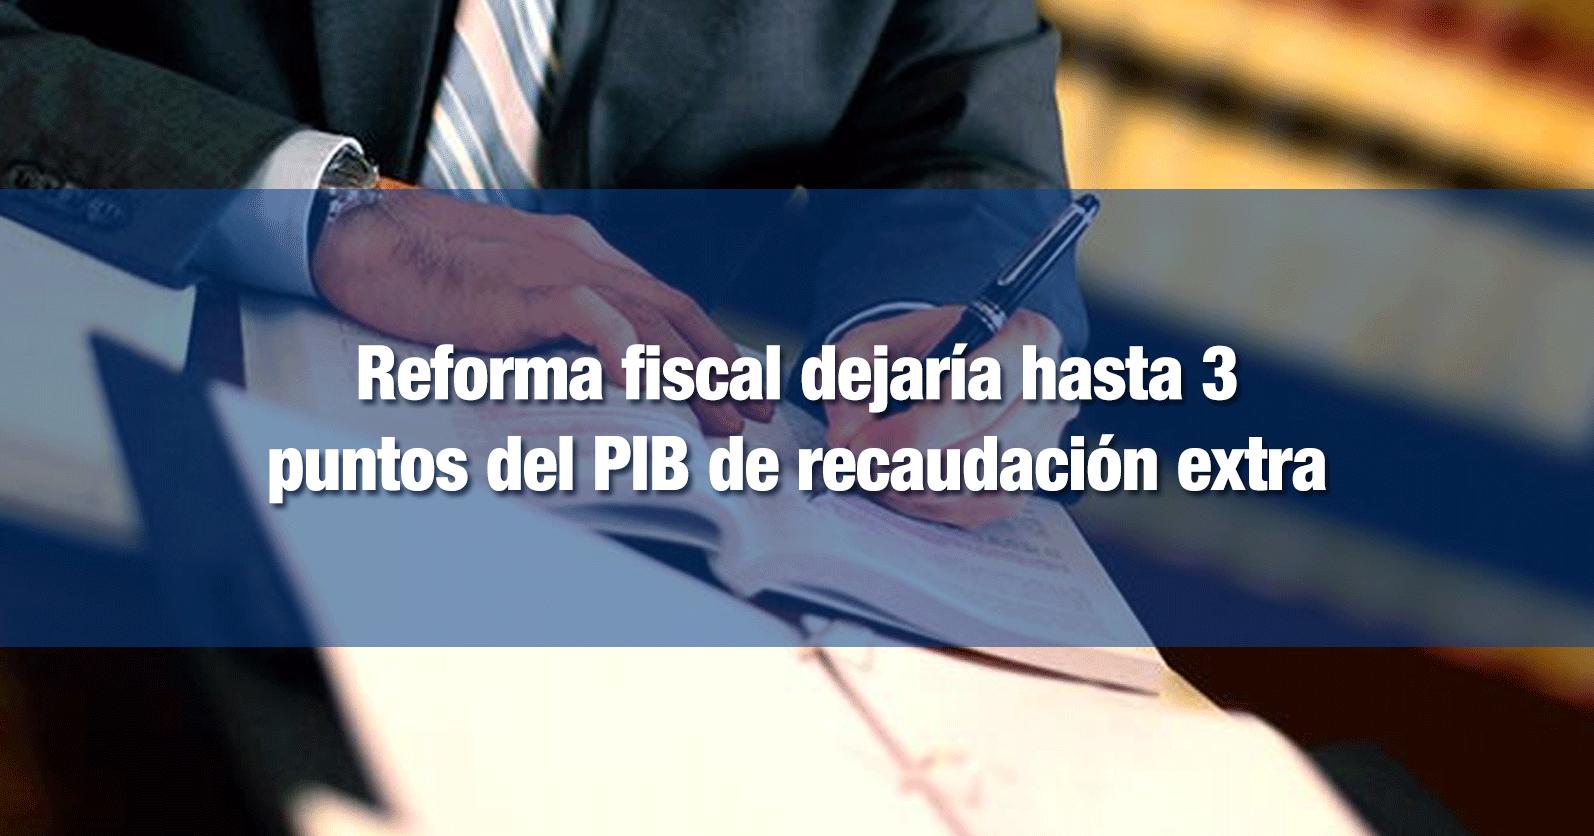 Reforma fiscal dejaría hasta 3 puntos del PIB de recaudación extra